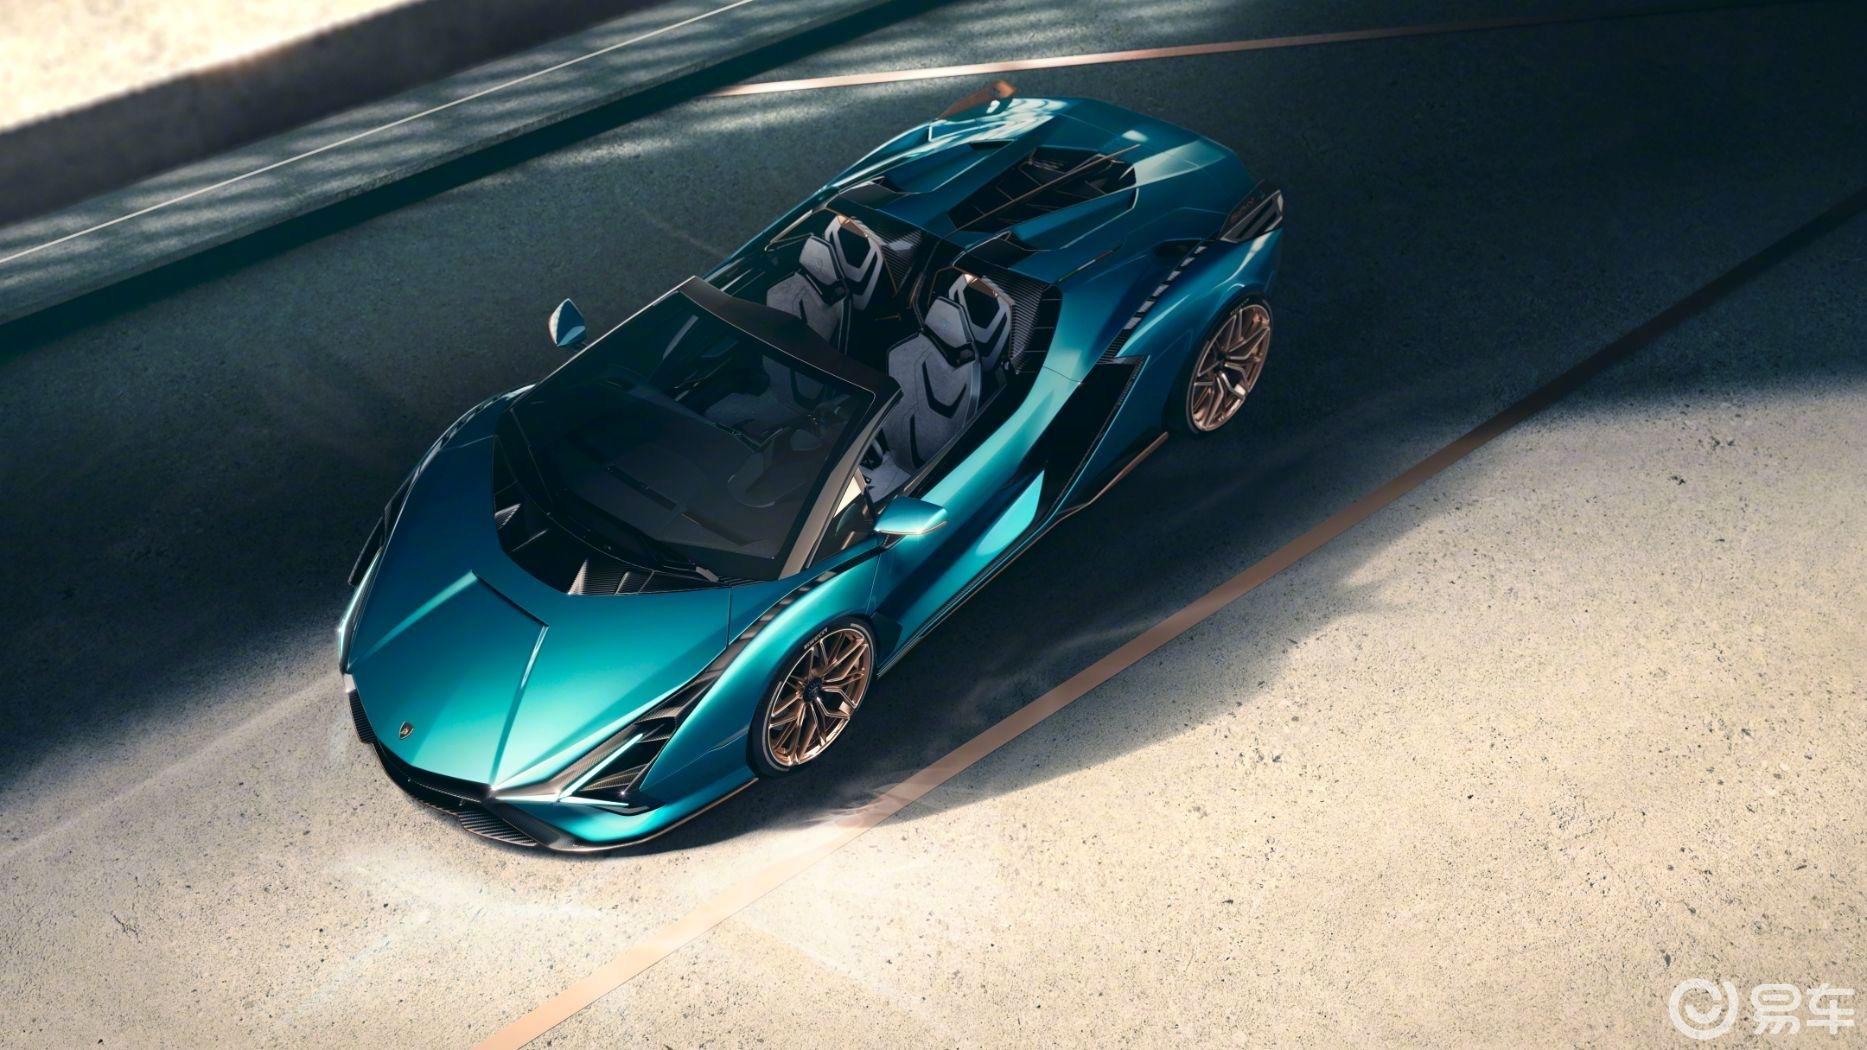 兰博基尼全新混动超跑Sian Roadster敞篷版发布